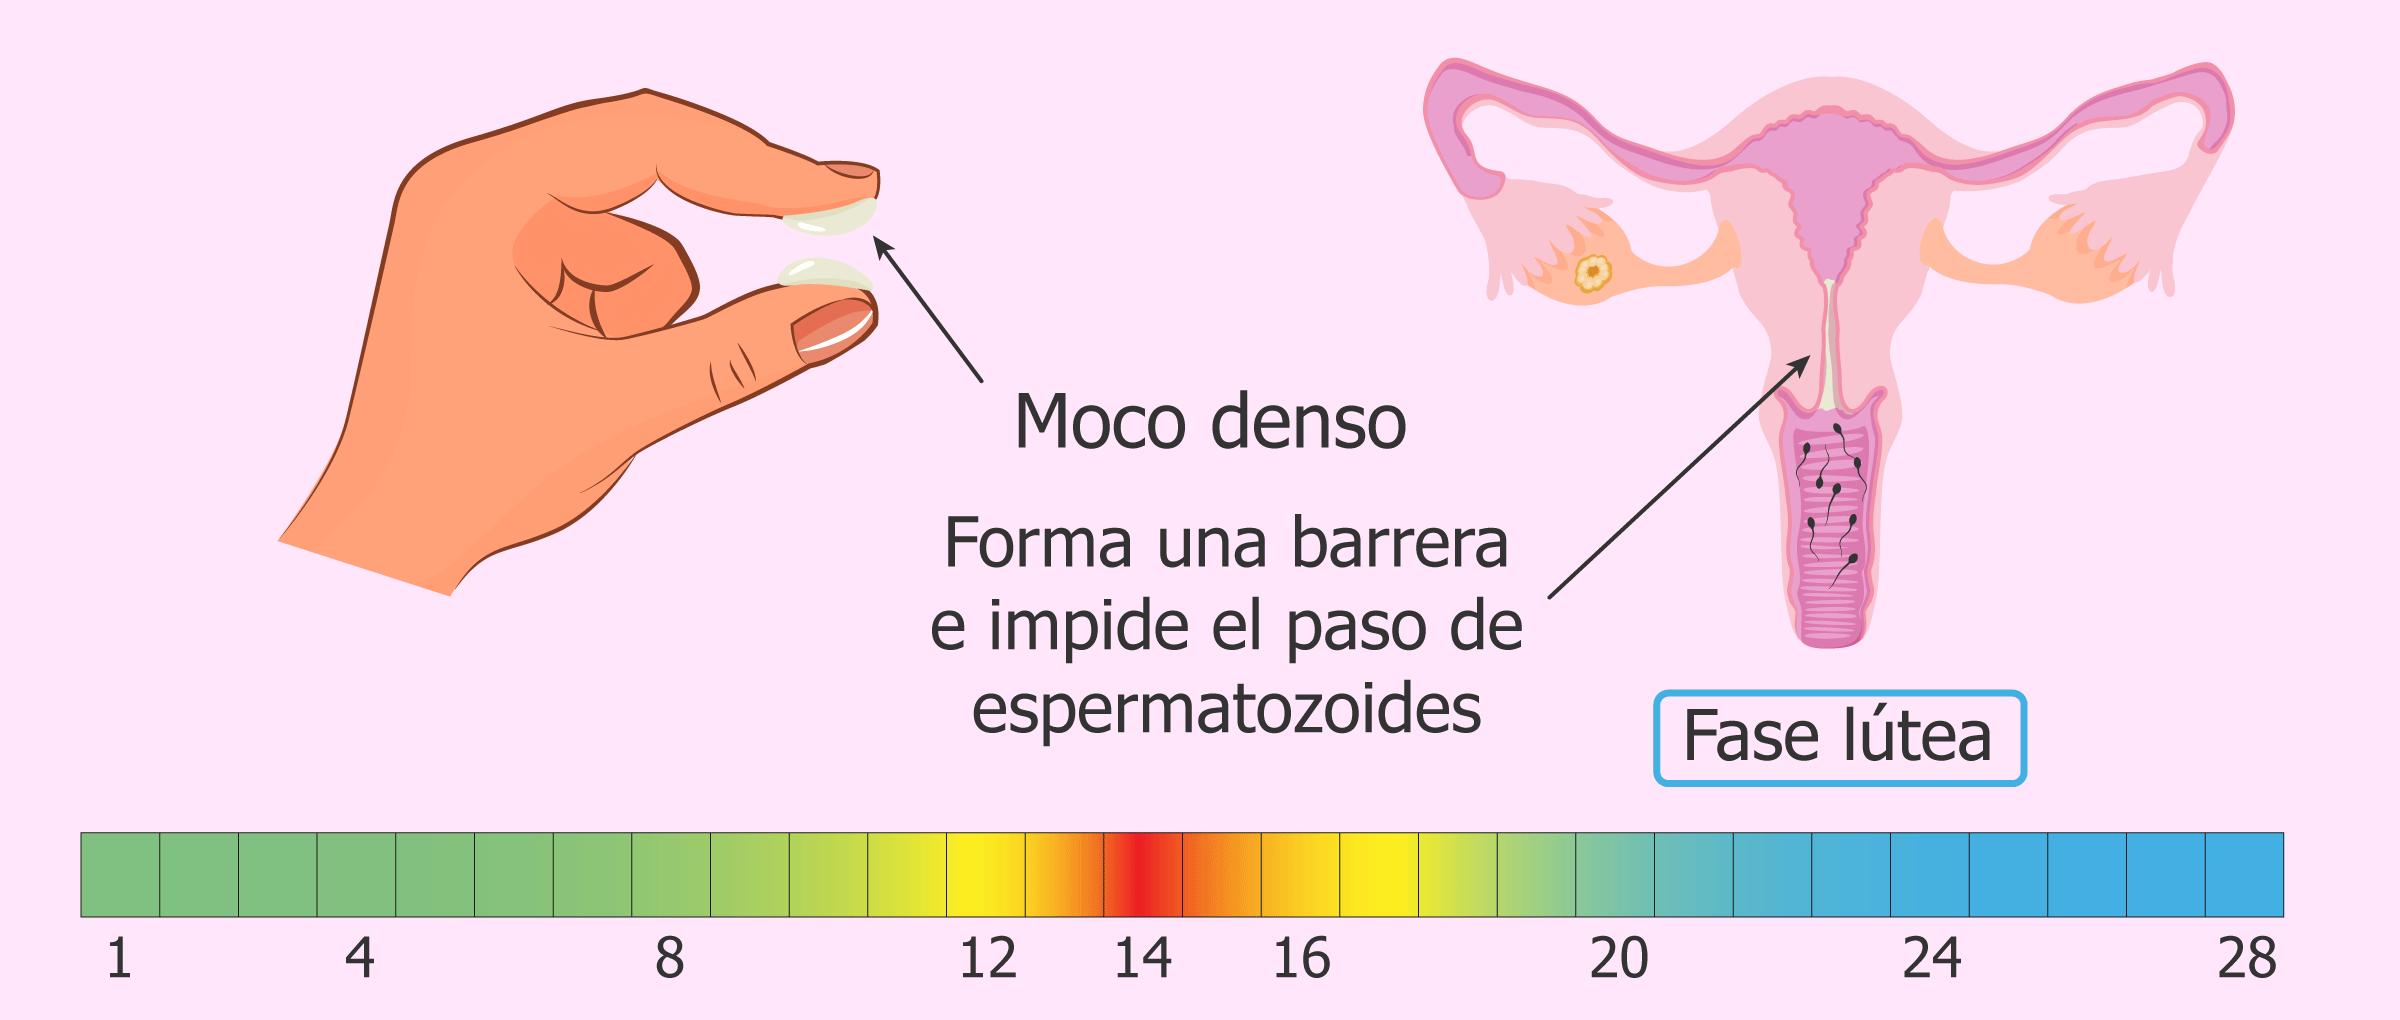 Moco cervical en la fase lútea